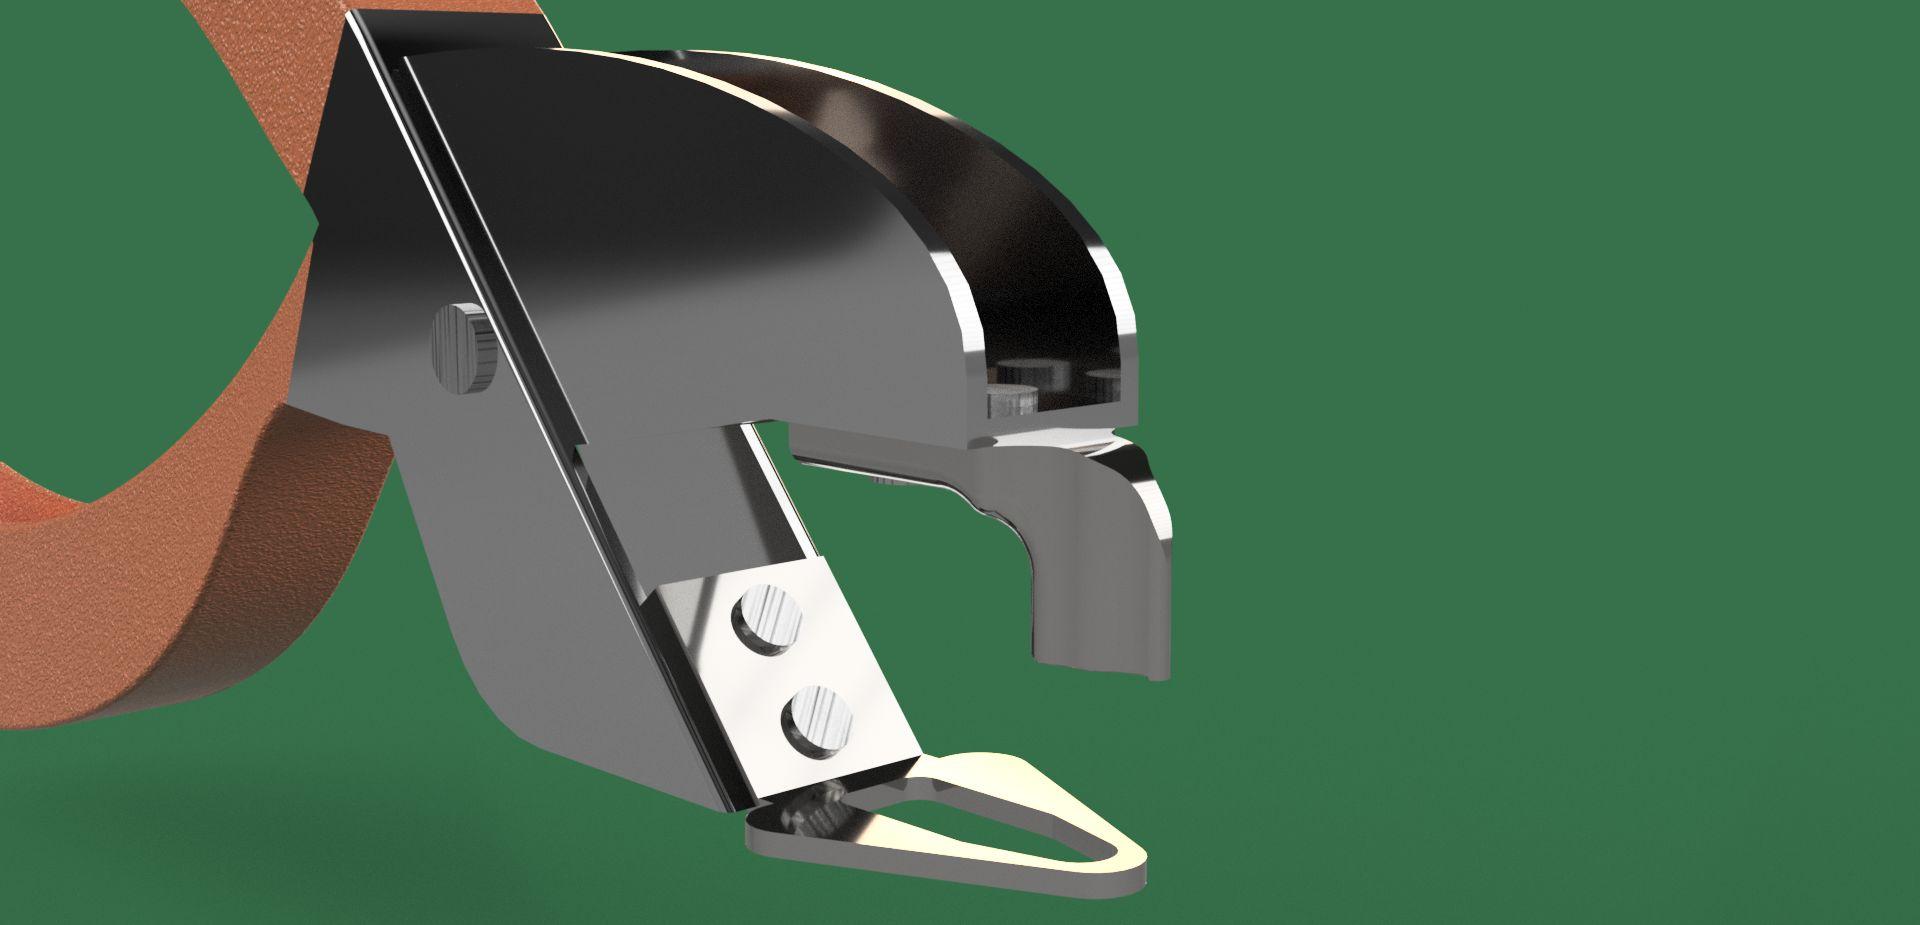 Staple-remover-v9a-3500-3500